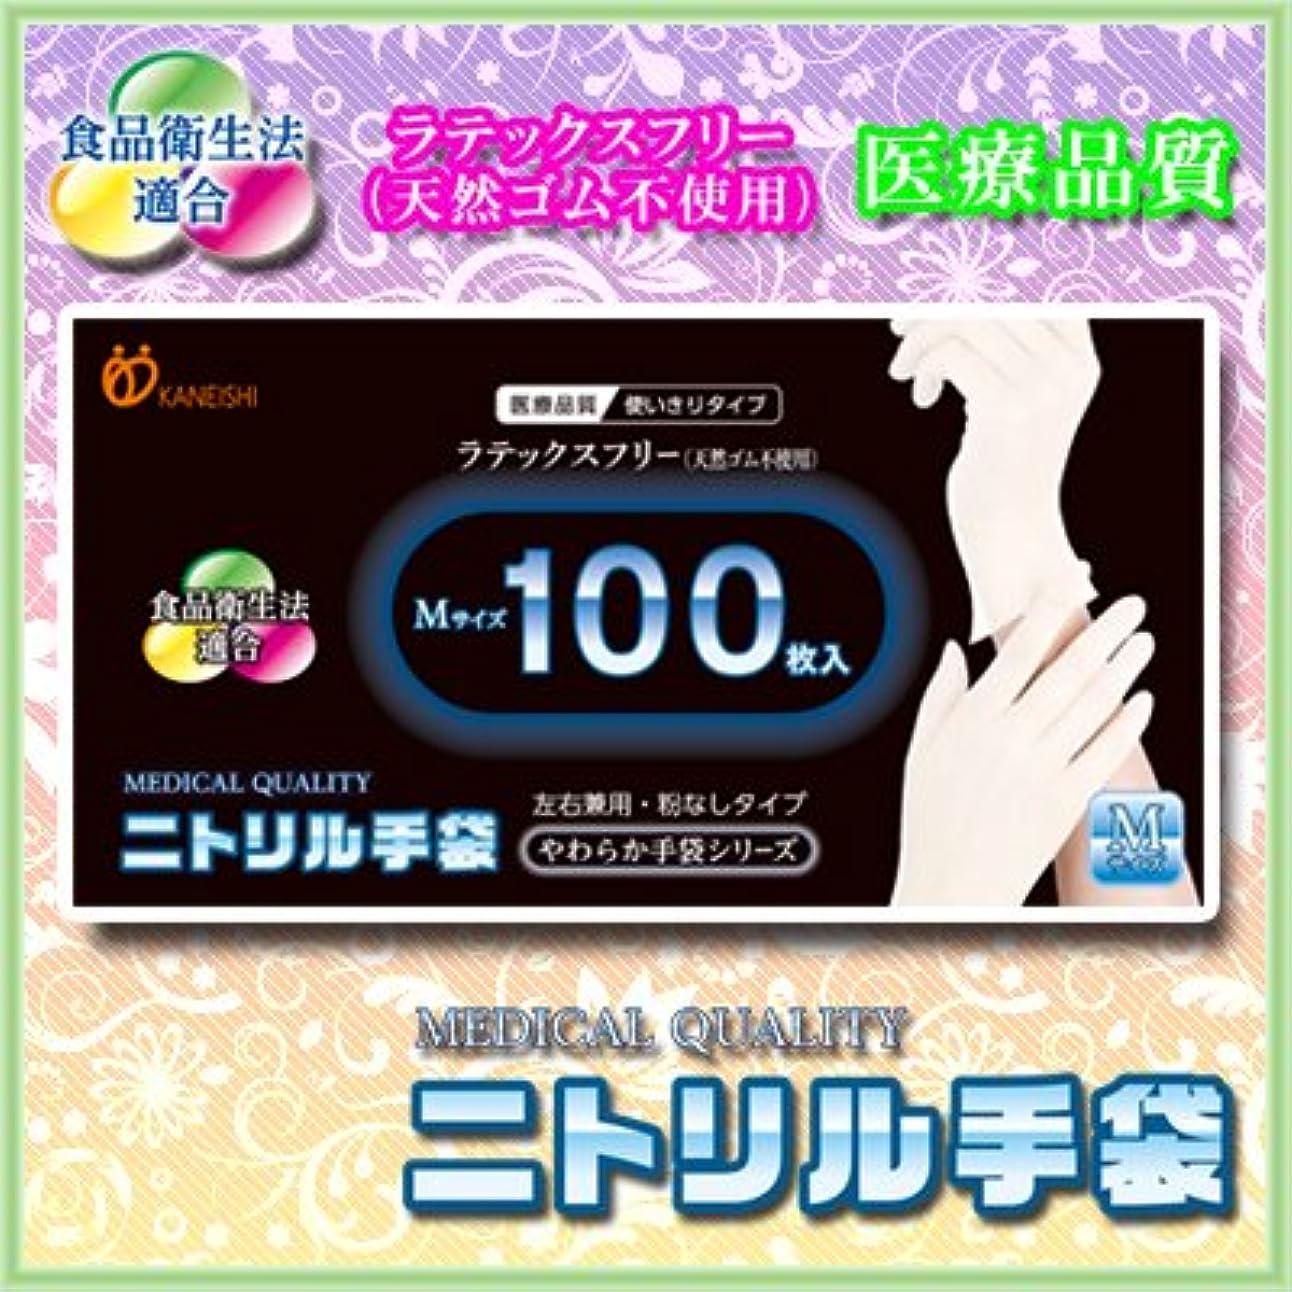 [9月26日まで特価]やわらかニトリル手袋 パウダーフリー 100枚入 Mサイズ ×5個セット(管理番号 4956525001113)